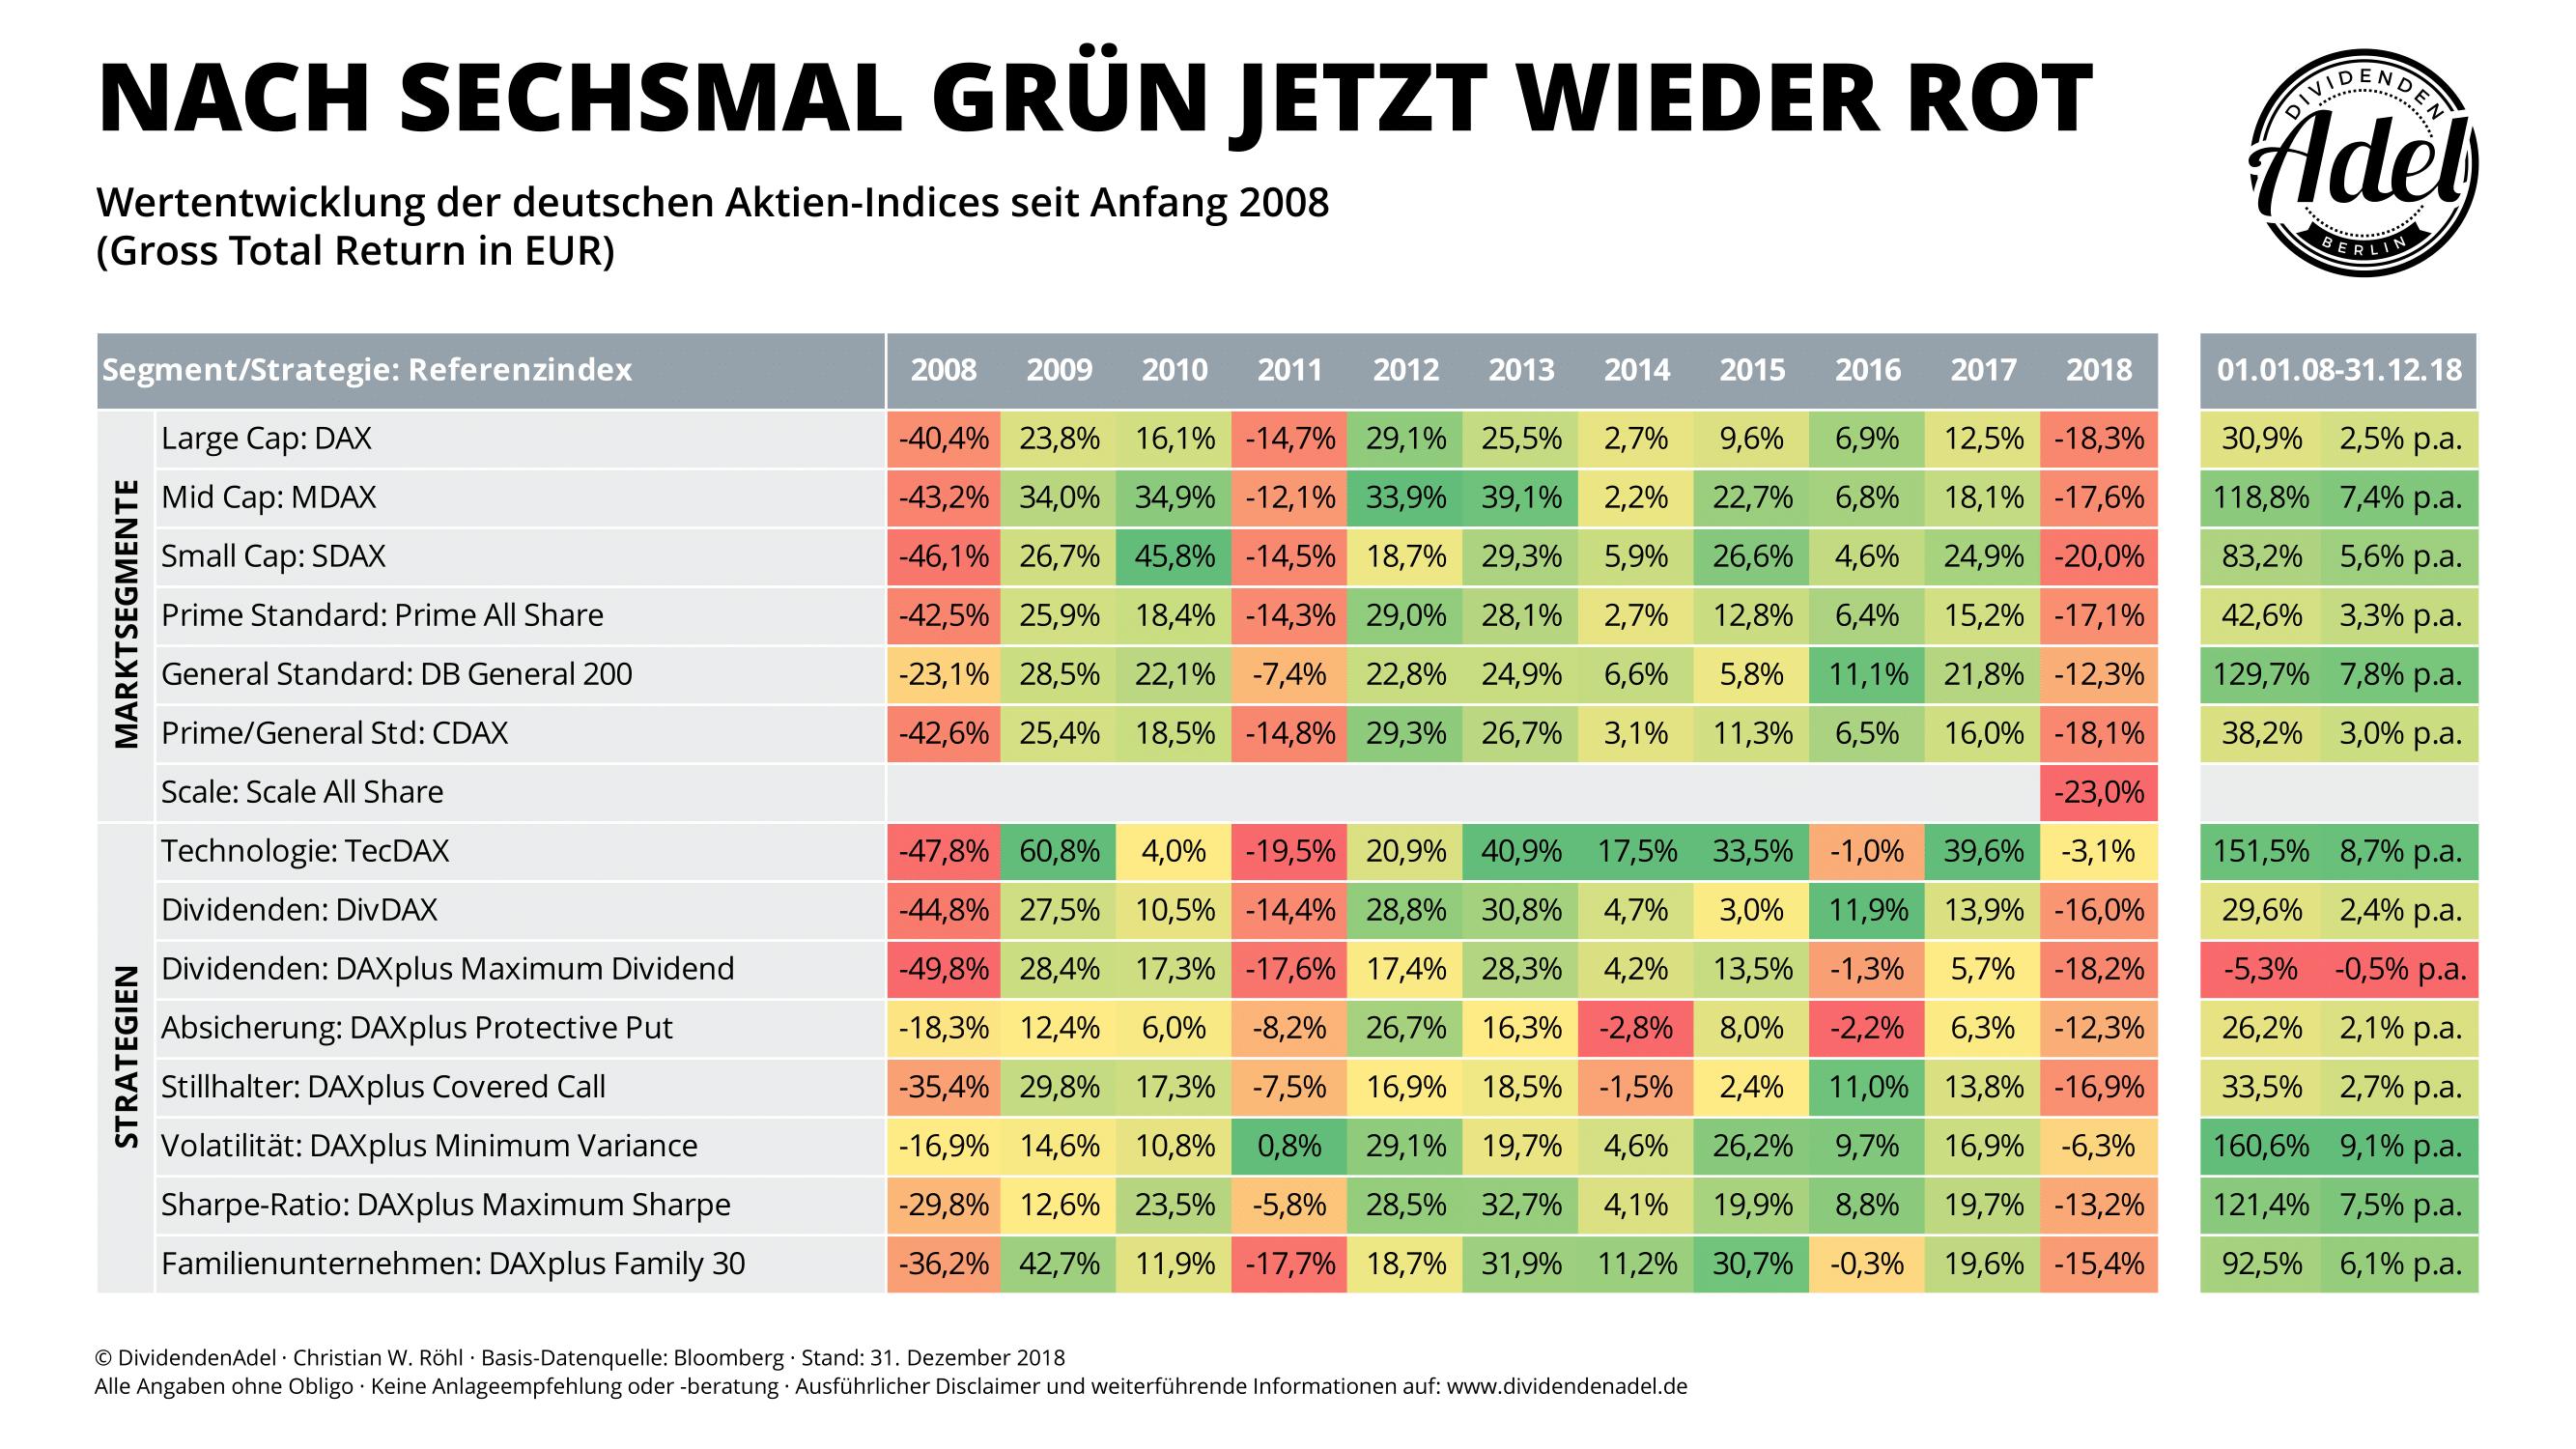 Deutsche Indices Wertentwicklung YoY 2008-18